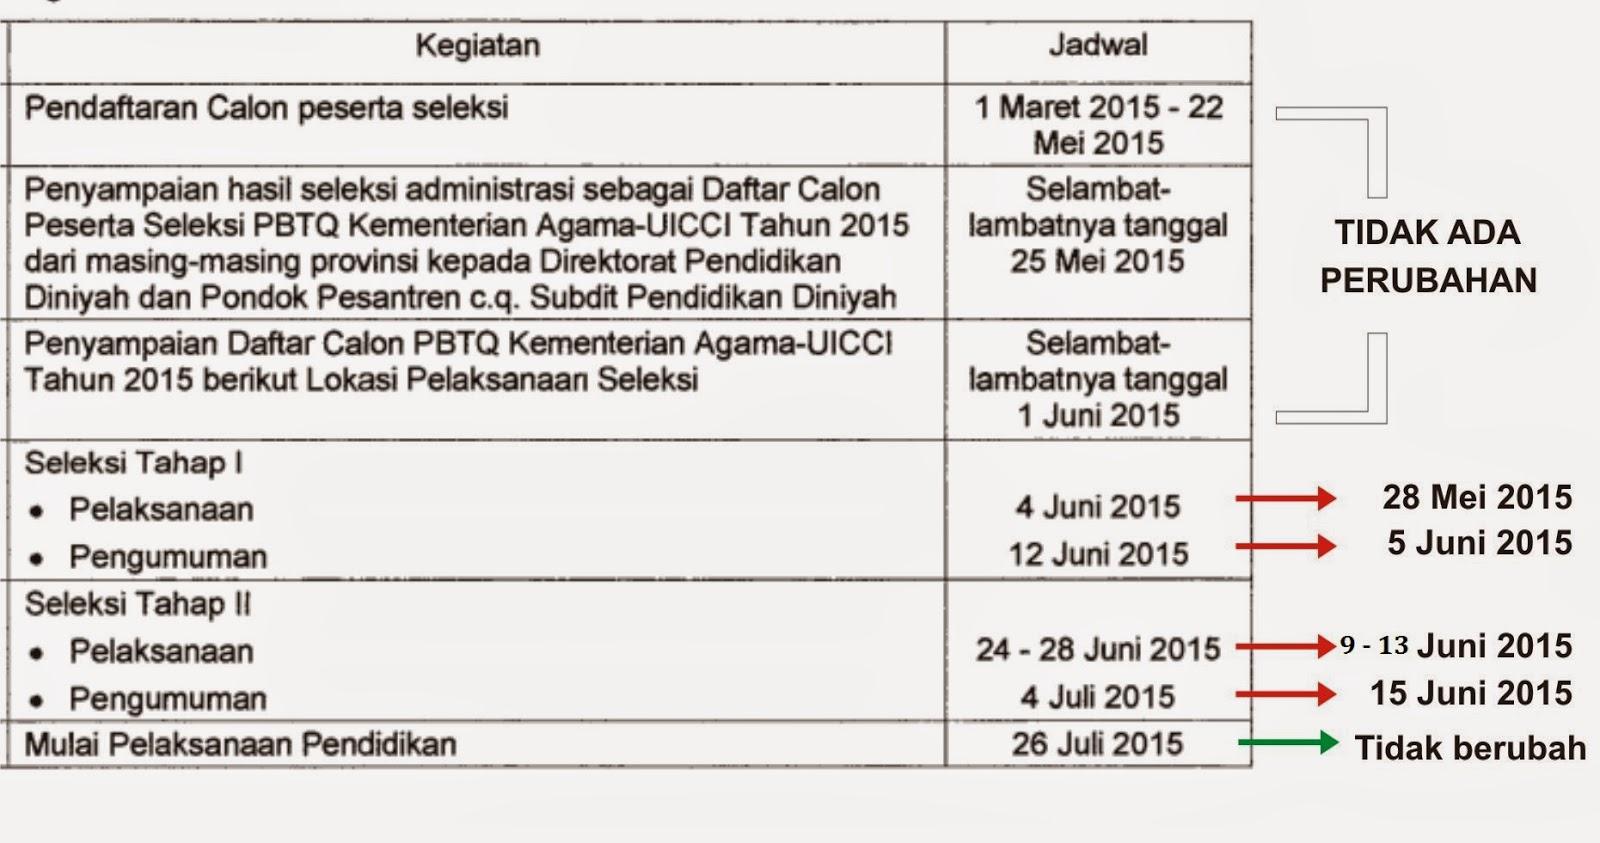 Perubahan Jadwal Seleksi Peserta Beasiswa Tahfidzh al-Quran (PBTQ) 2015